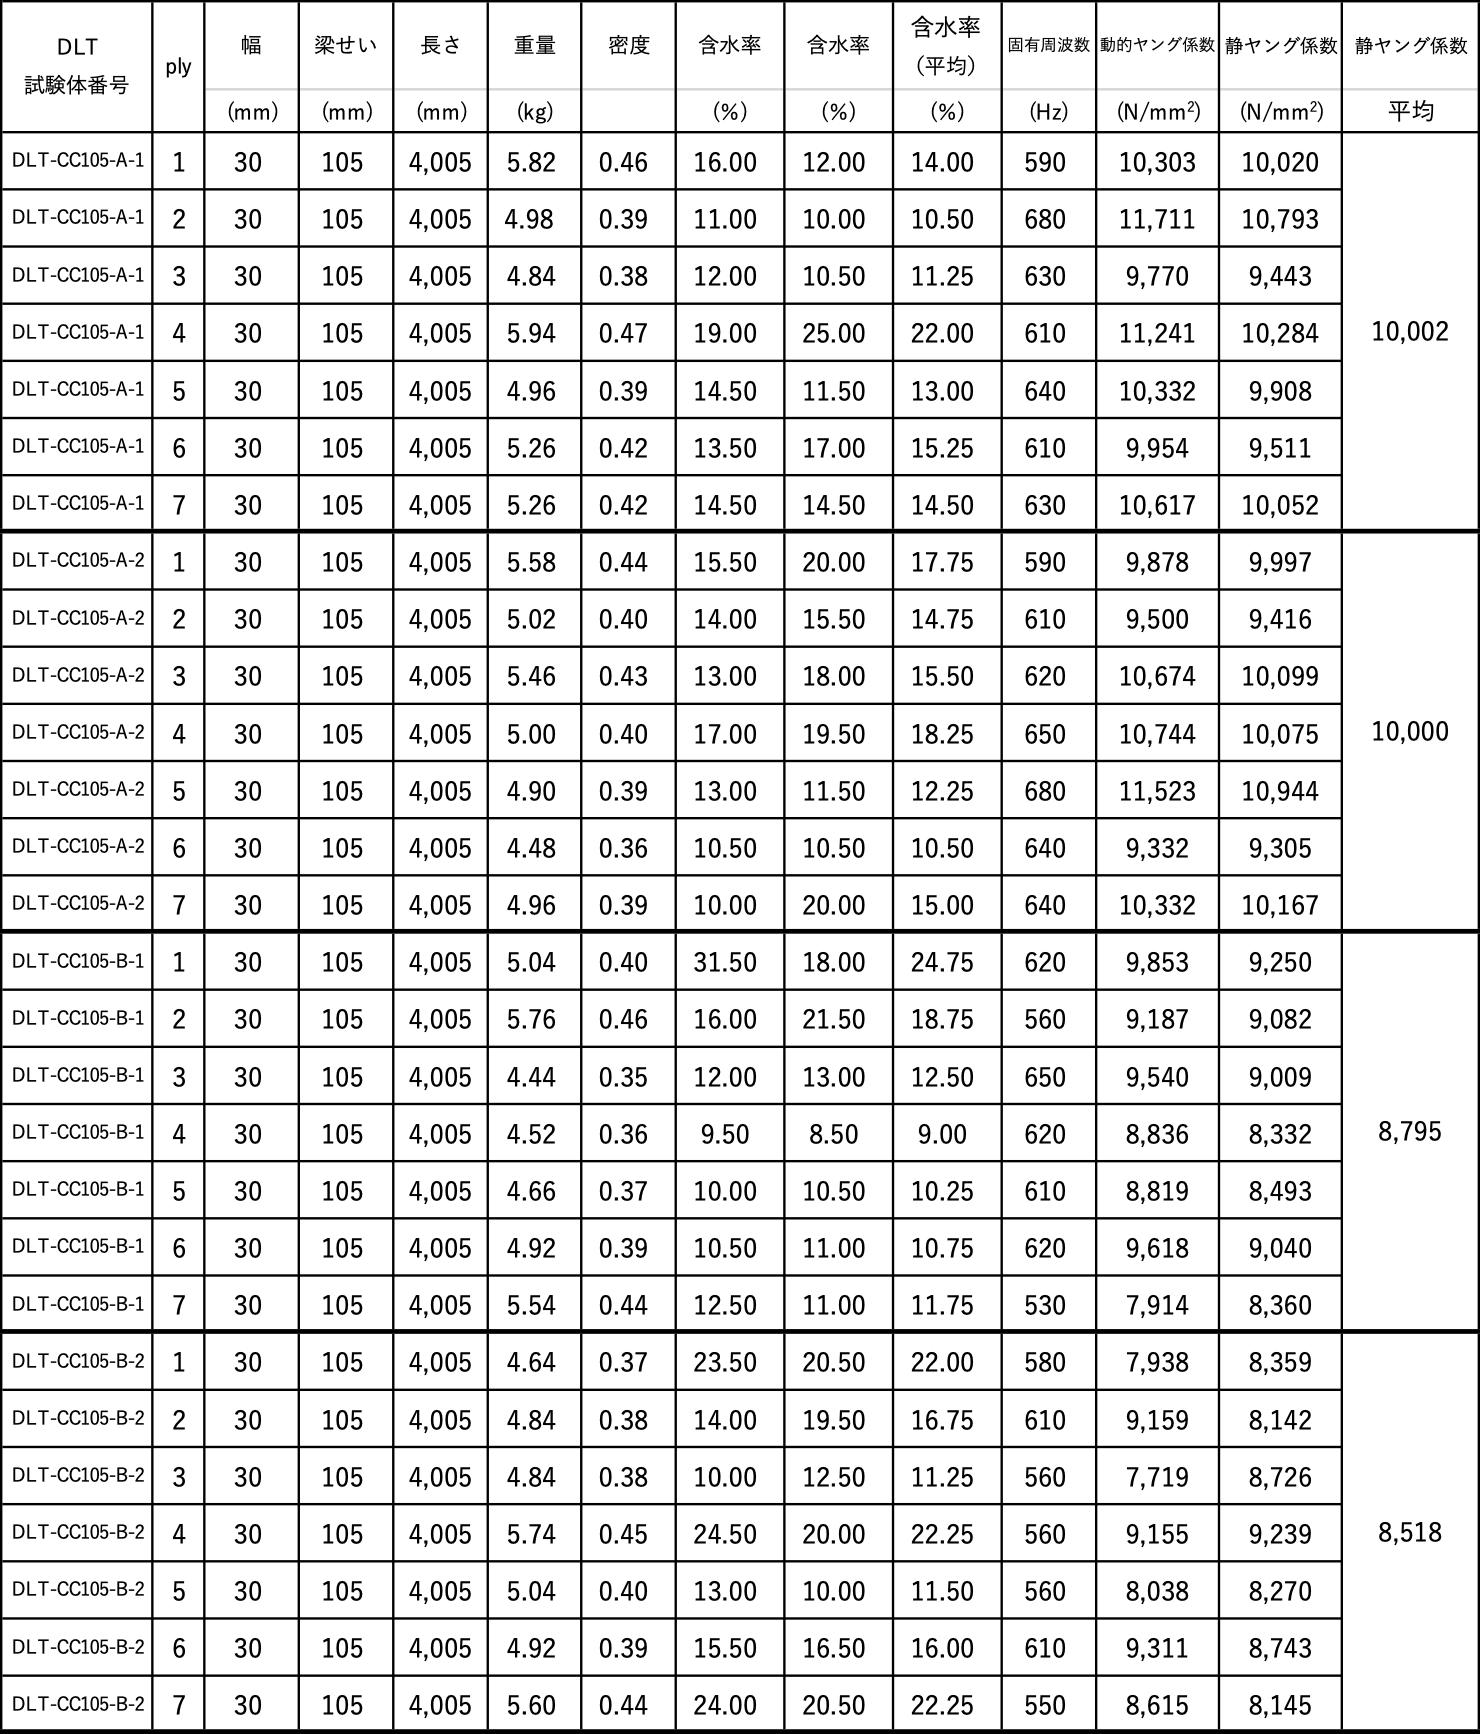 ウェブ材のヤング係数(1)